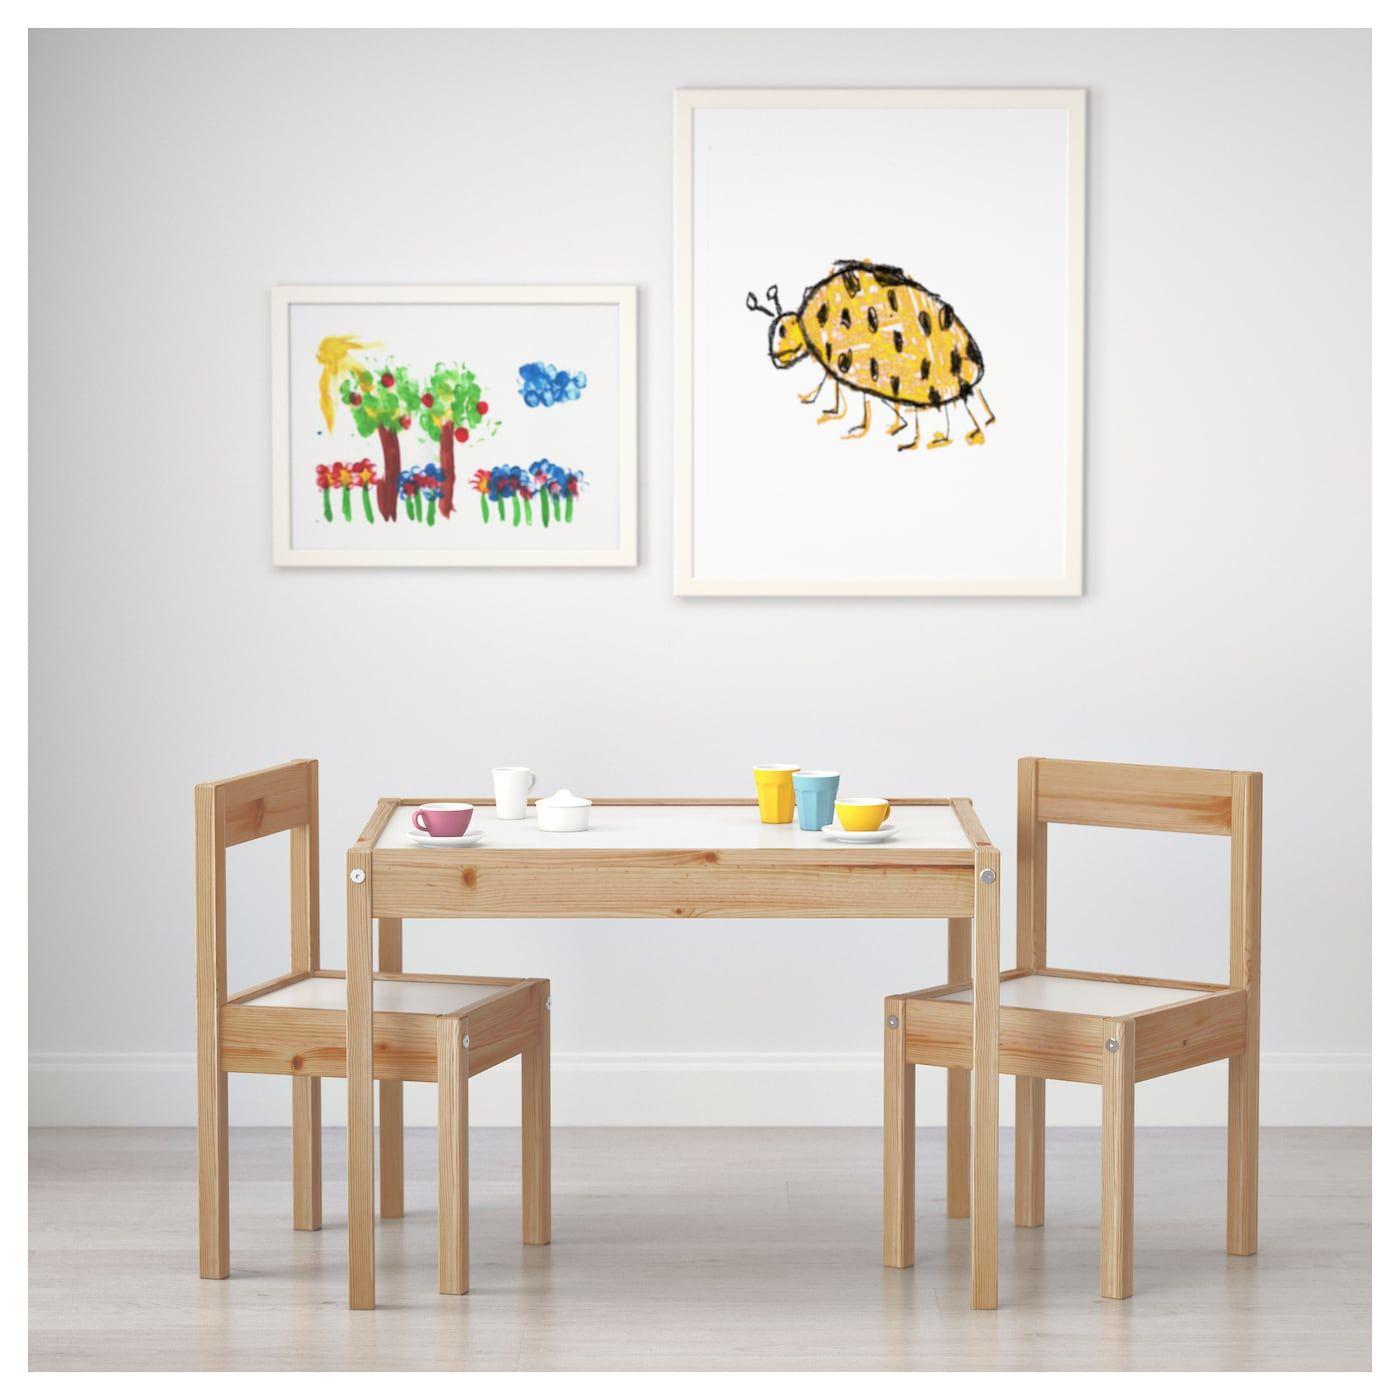 Latt Kindertisch Mit 2 Stuhlen Weiss Kiefer Ikea Deutschland